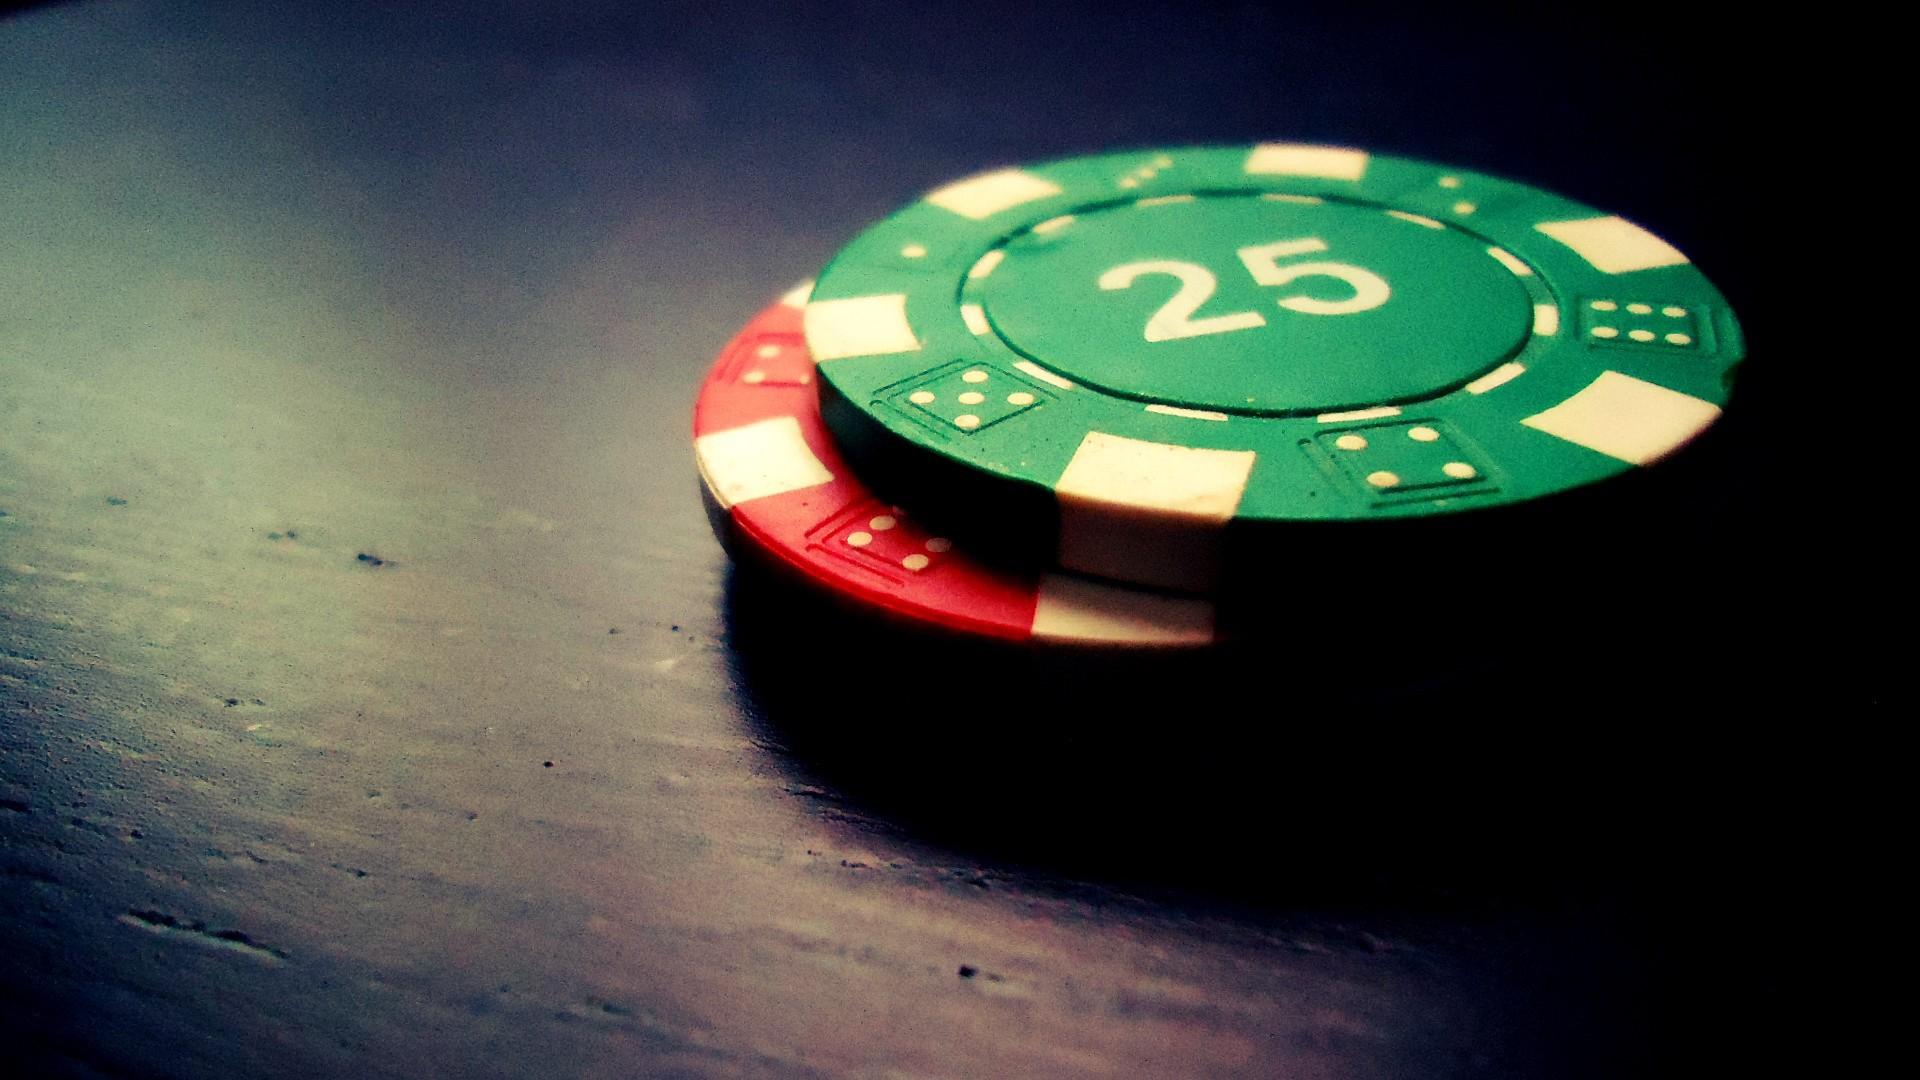 Poker desktops